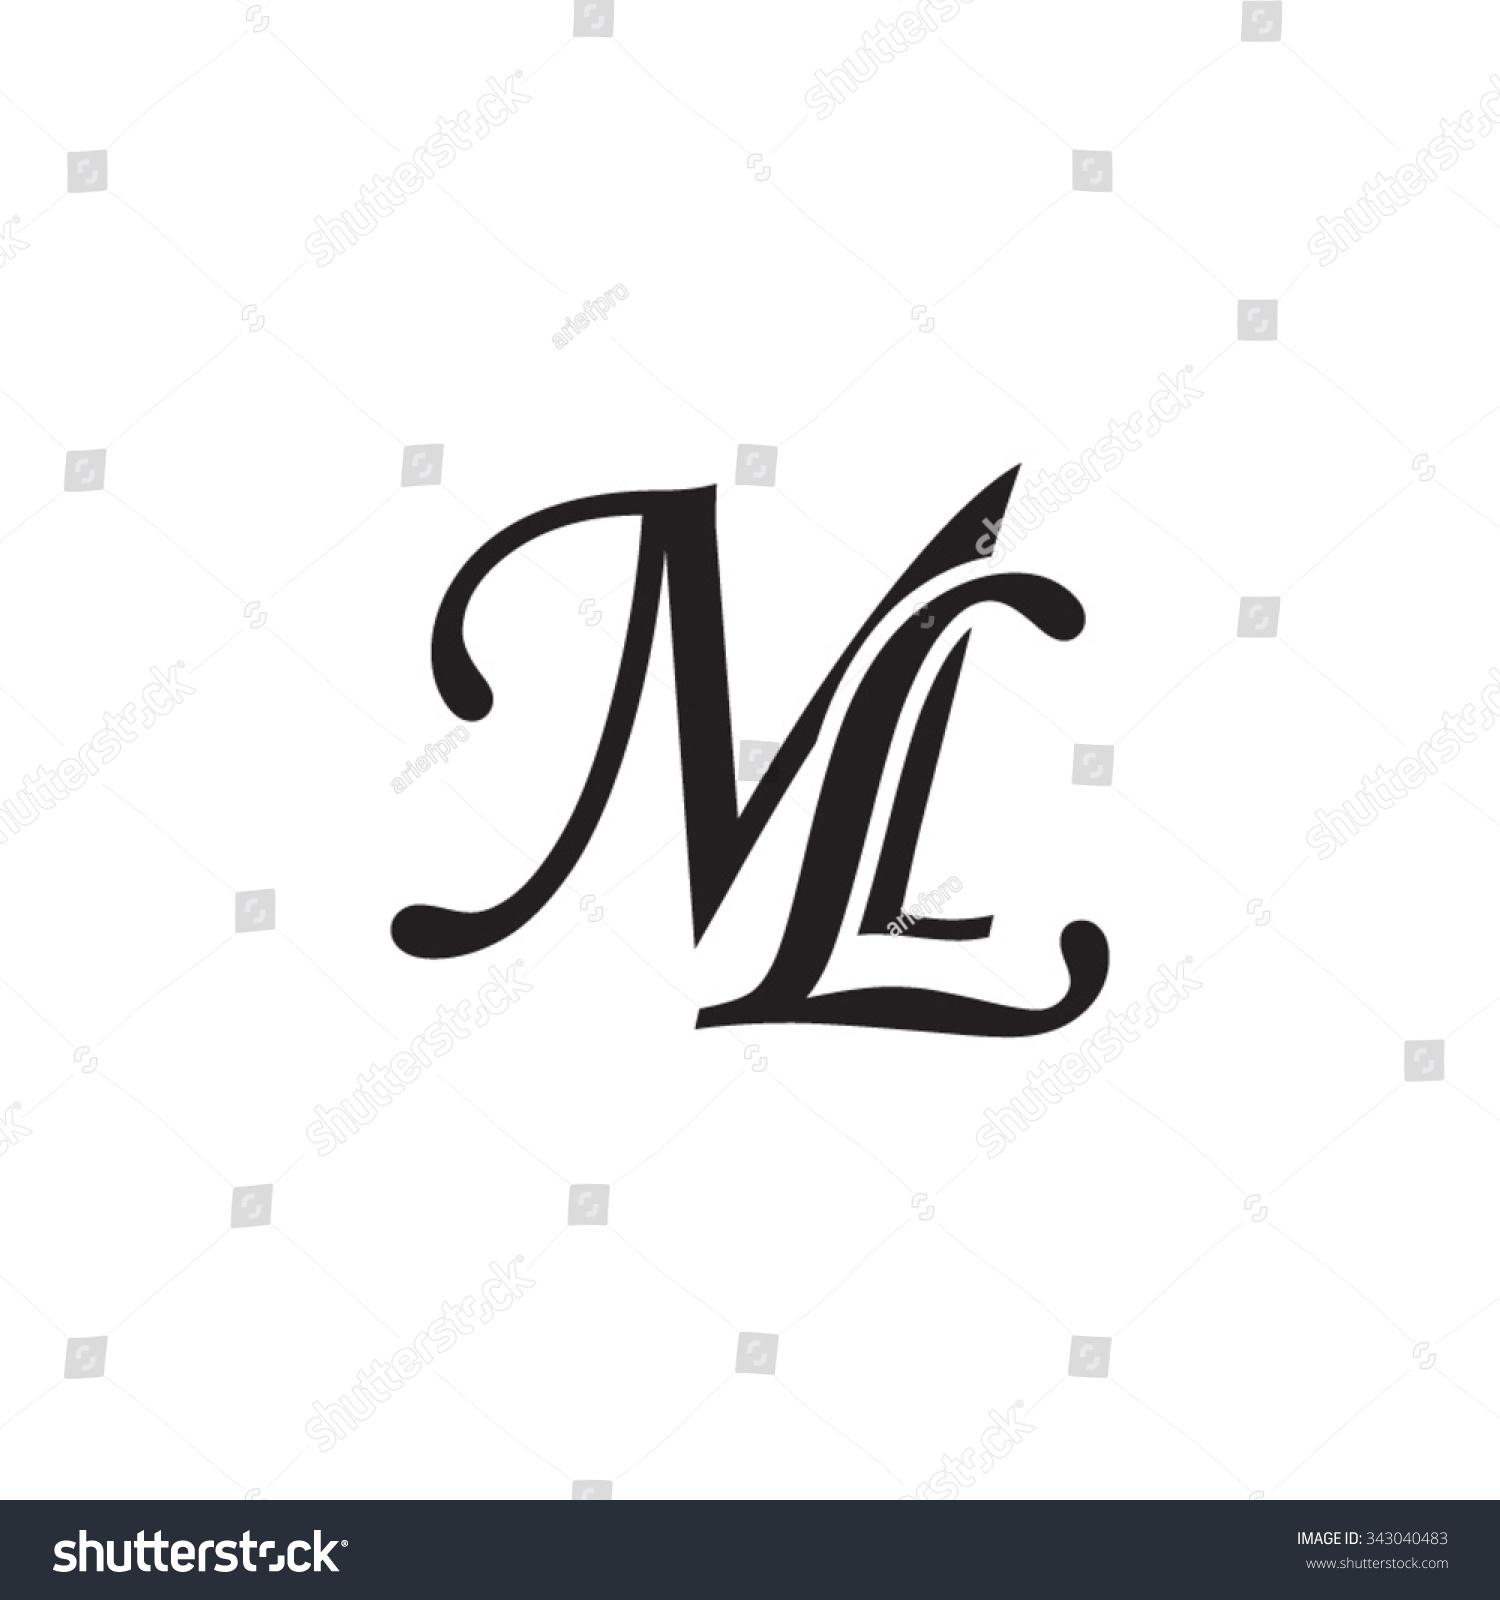 Ml Initial Monogram Logo Stock Vector 343040483 Shutterstock